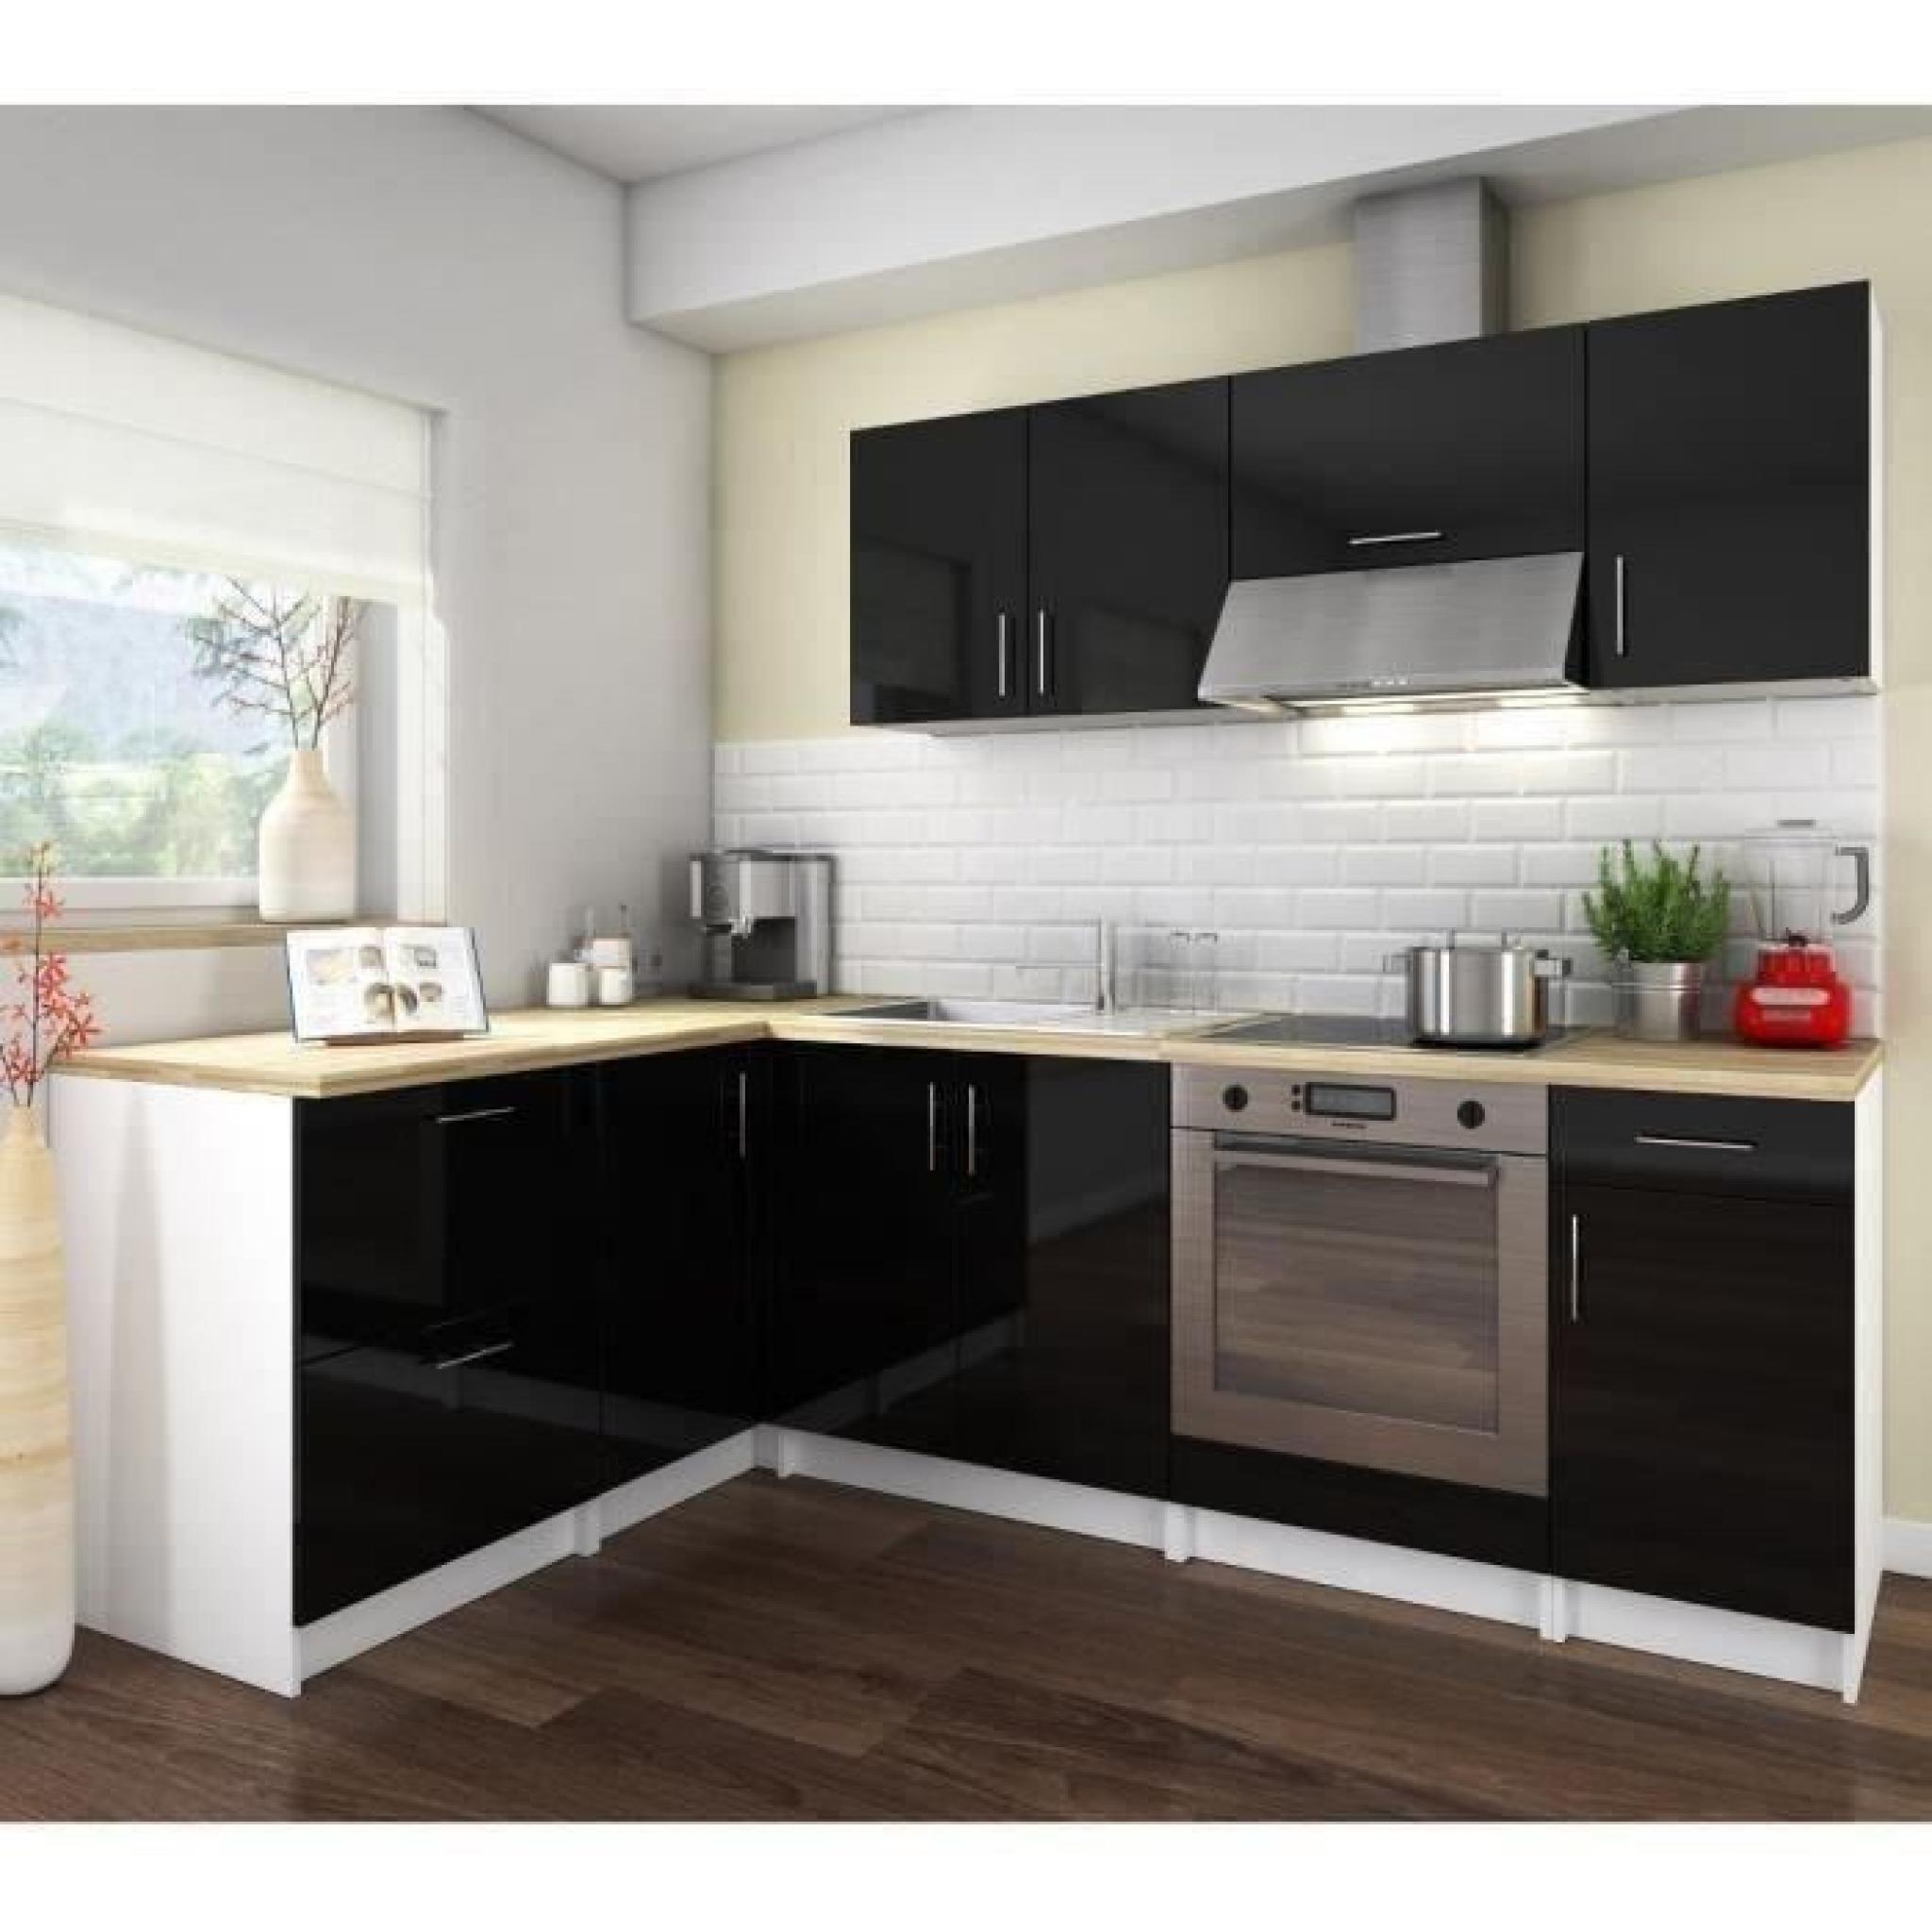 cosy cuisine compl te 2m80 laqu noir achat vente cuisine complete pas cher couleur et. Black Bedroom Furniture Sets. Home Design Ideas